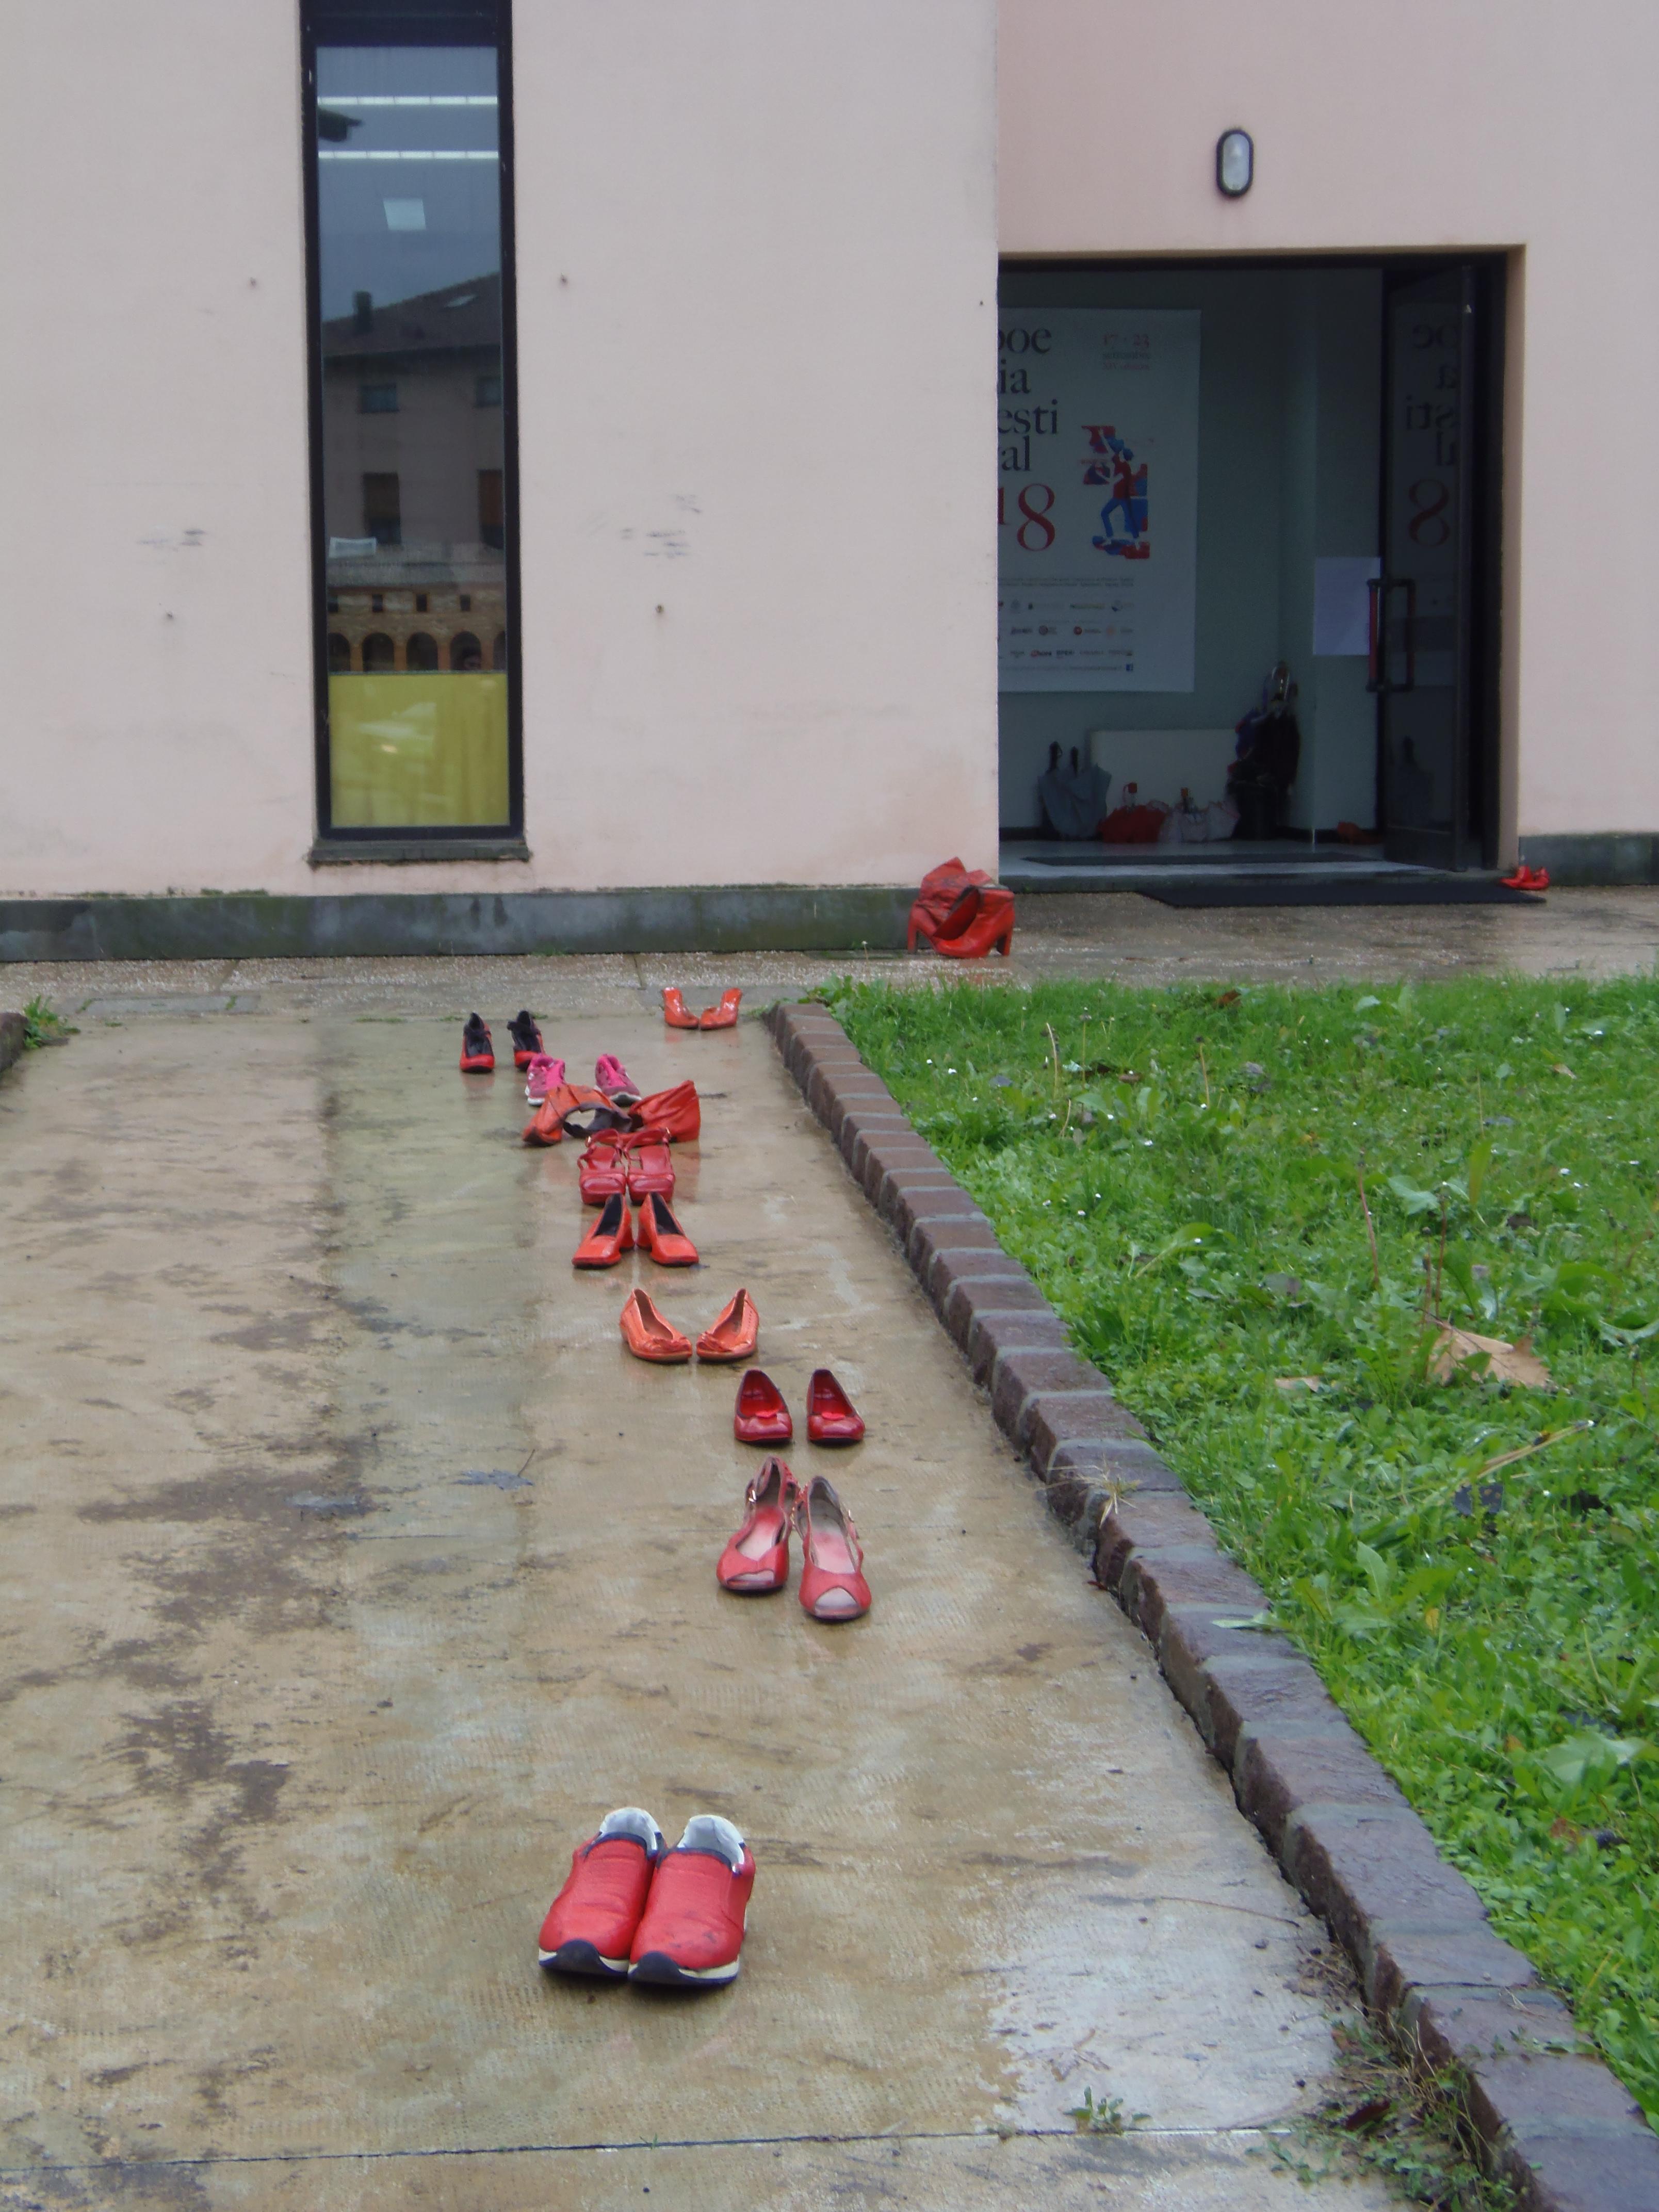 Deporre un paio di scarpe rosse in Piazza  un gesto e un momento di  riflessione per far crescere la cultura che educa al rispetto della donna. 94ad6e6f11e